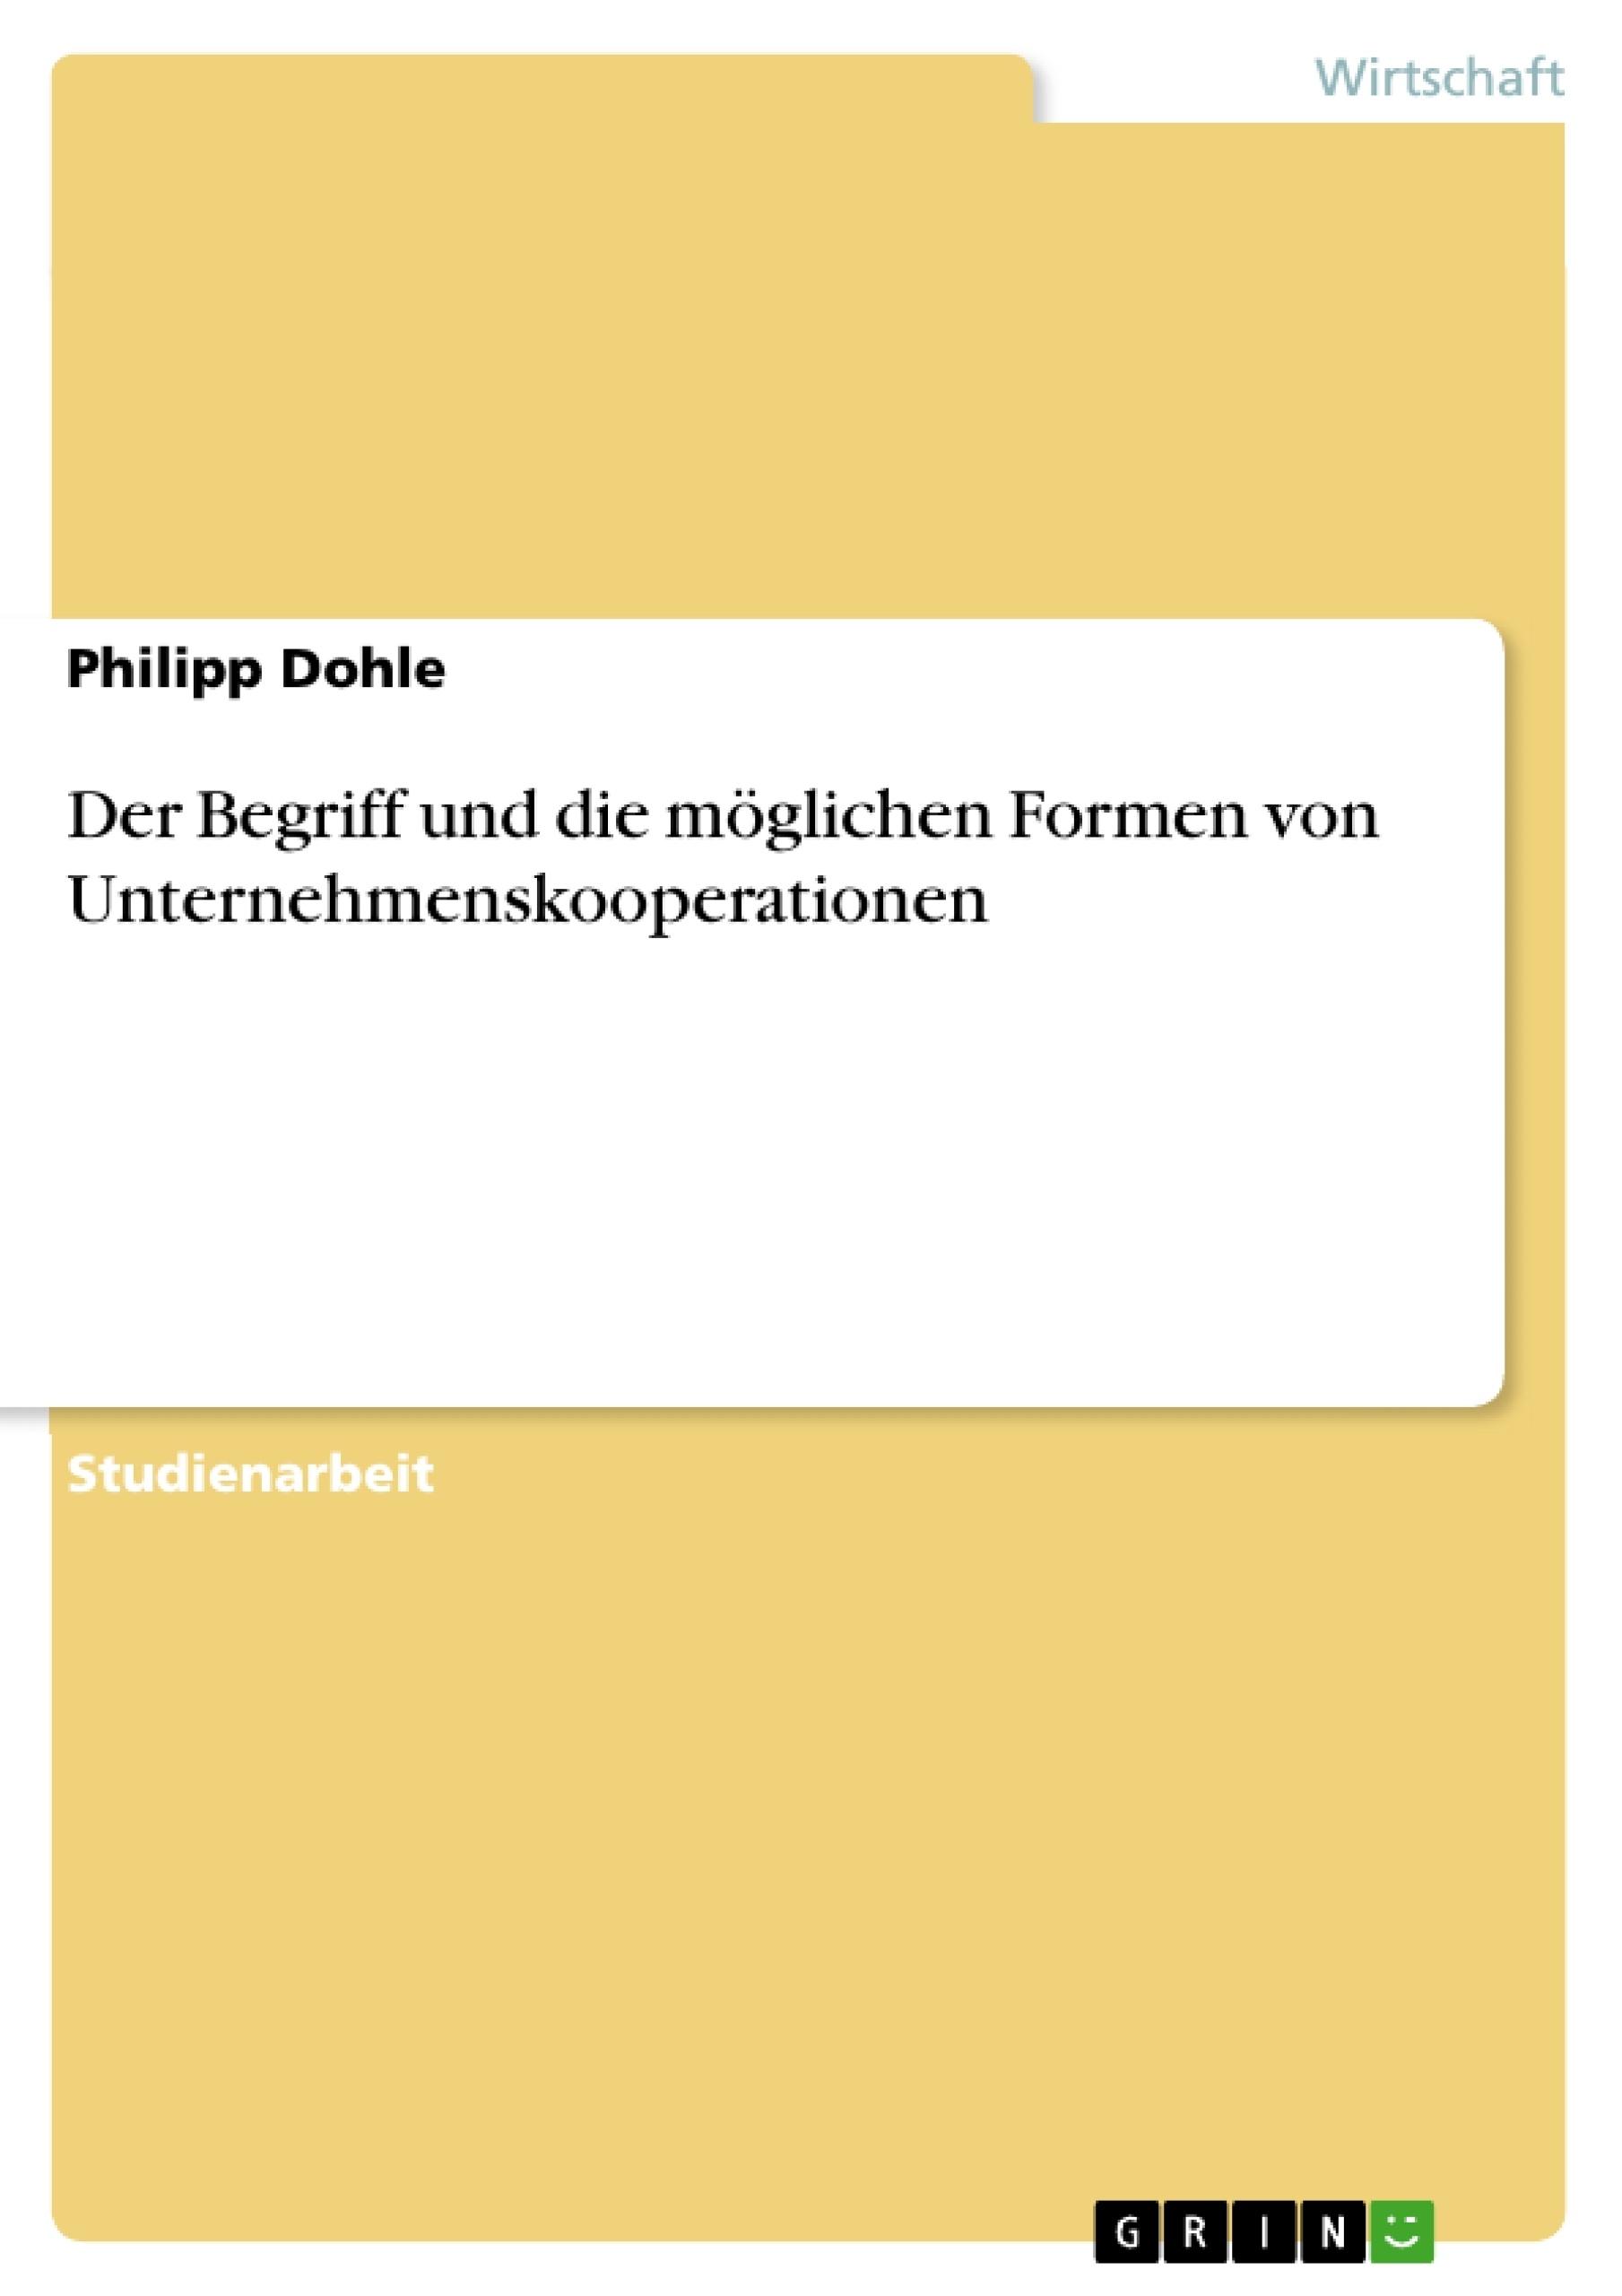 Titel: Der Begriff und die möglichen Formen von Unternehmenskooperationen